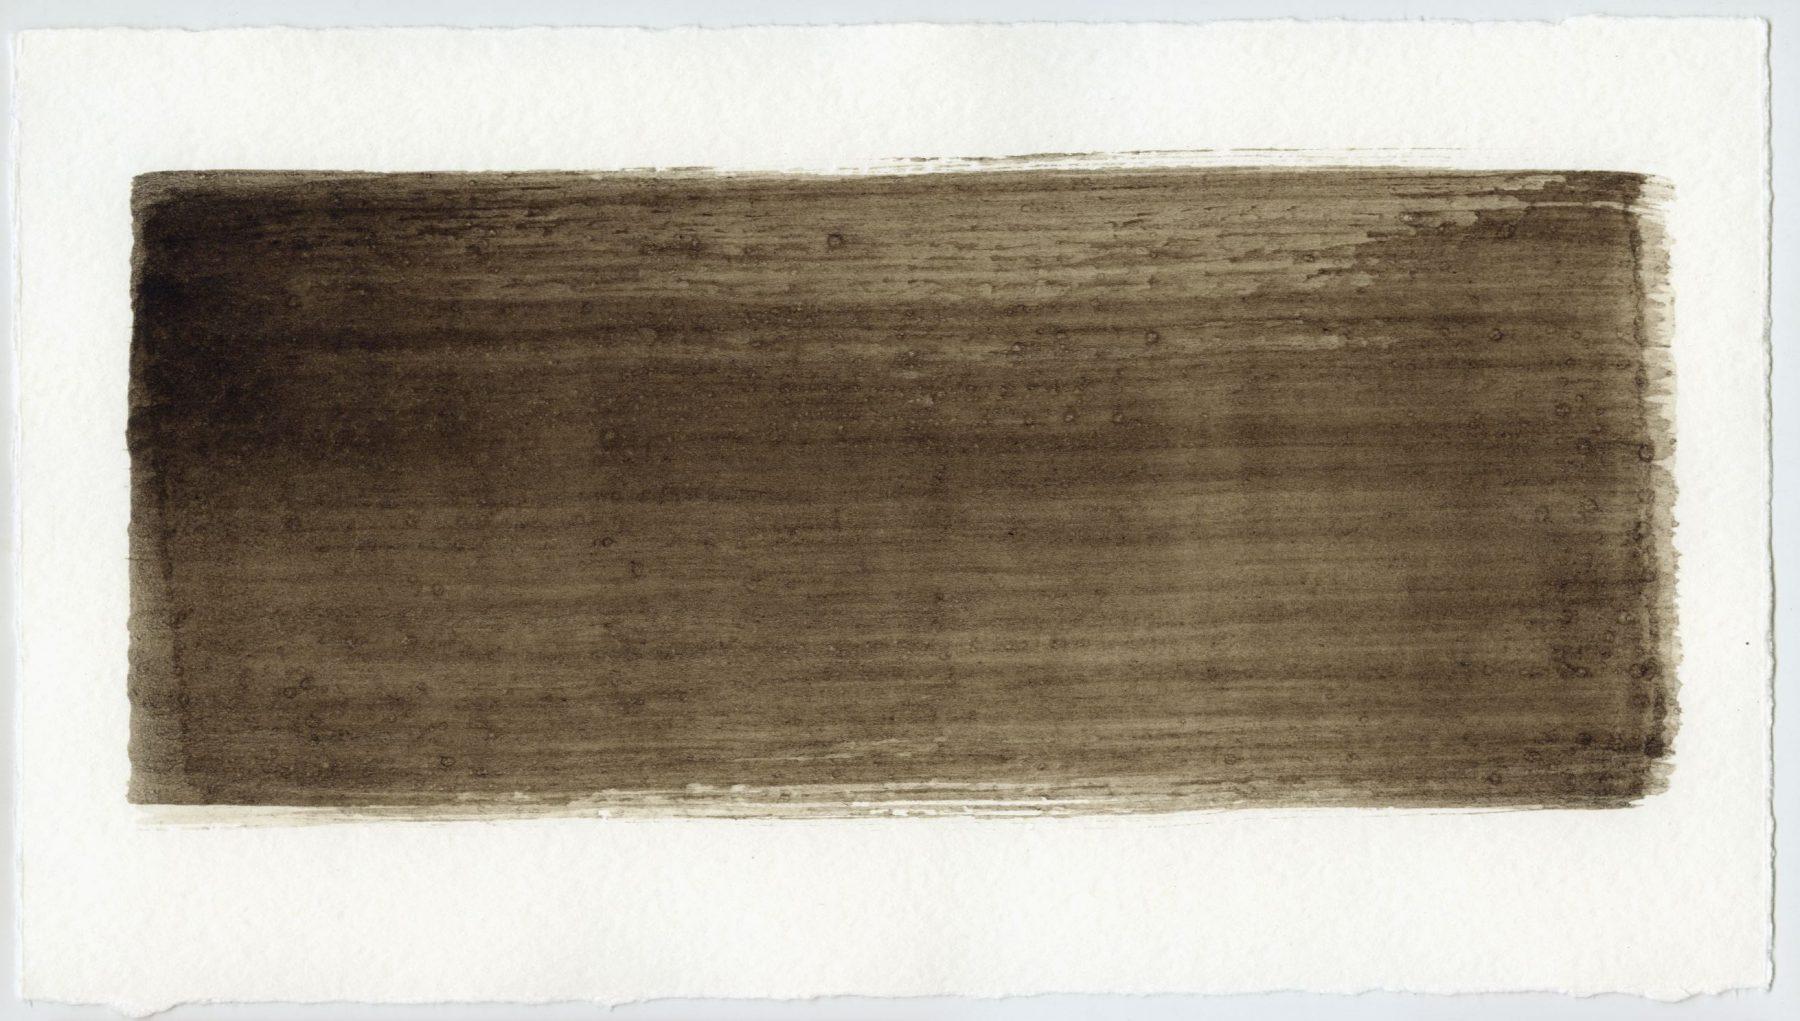 No. 1 SLINGERPAD BRUIN - semi charred wood - 04 September 2018 51° 41.445'N   5° 36.706'E